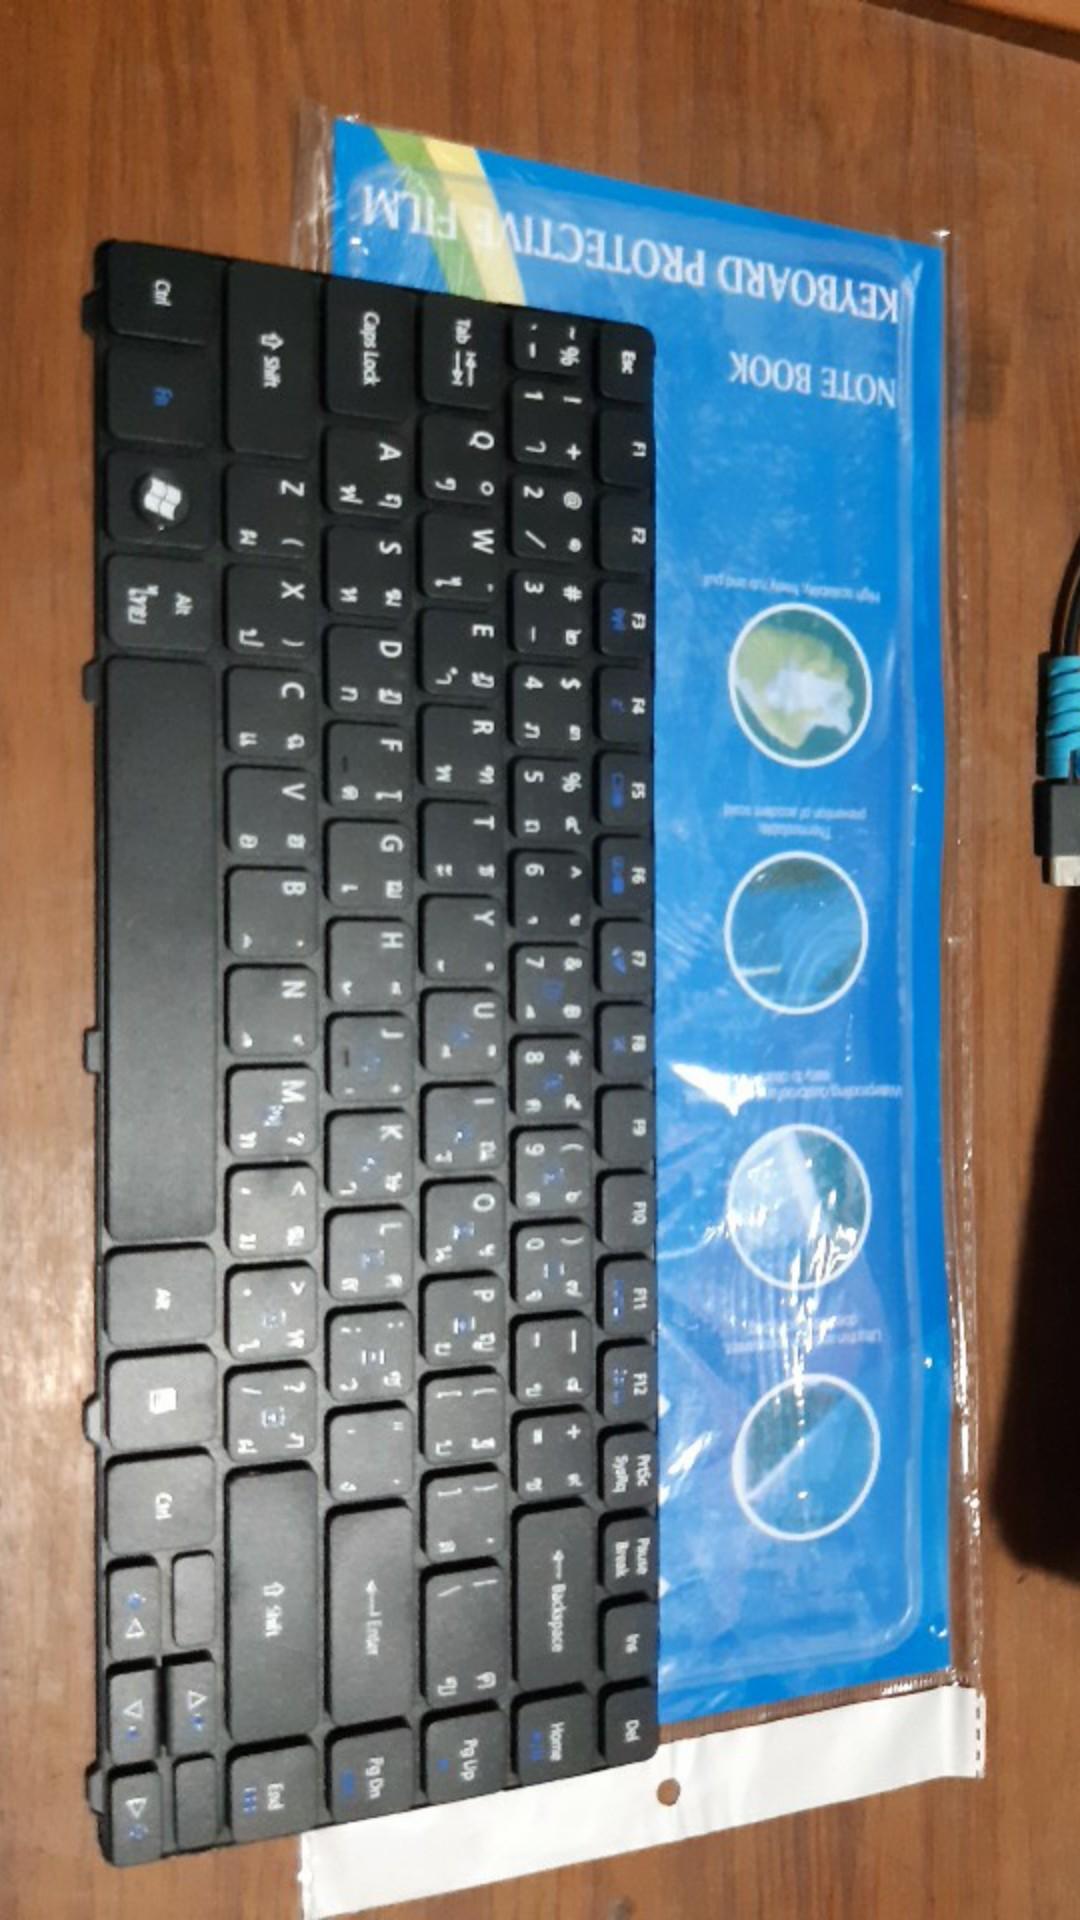 GAOCHENG Laptop Keyboard for ACER Aspire 4752 4752G 4752Z 4752ZG 4352 4352G 4553 4553G Czech CZ//SK